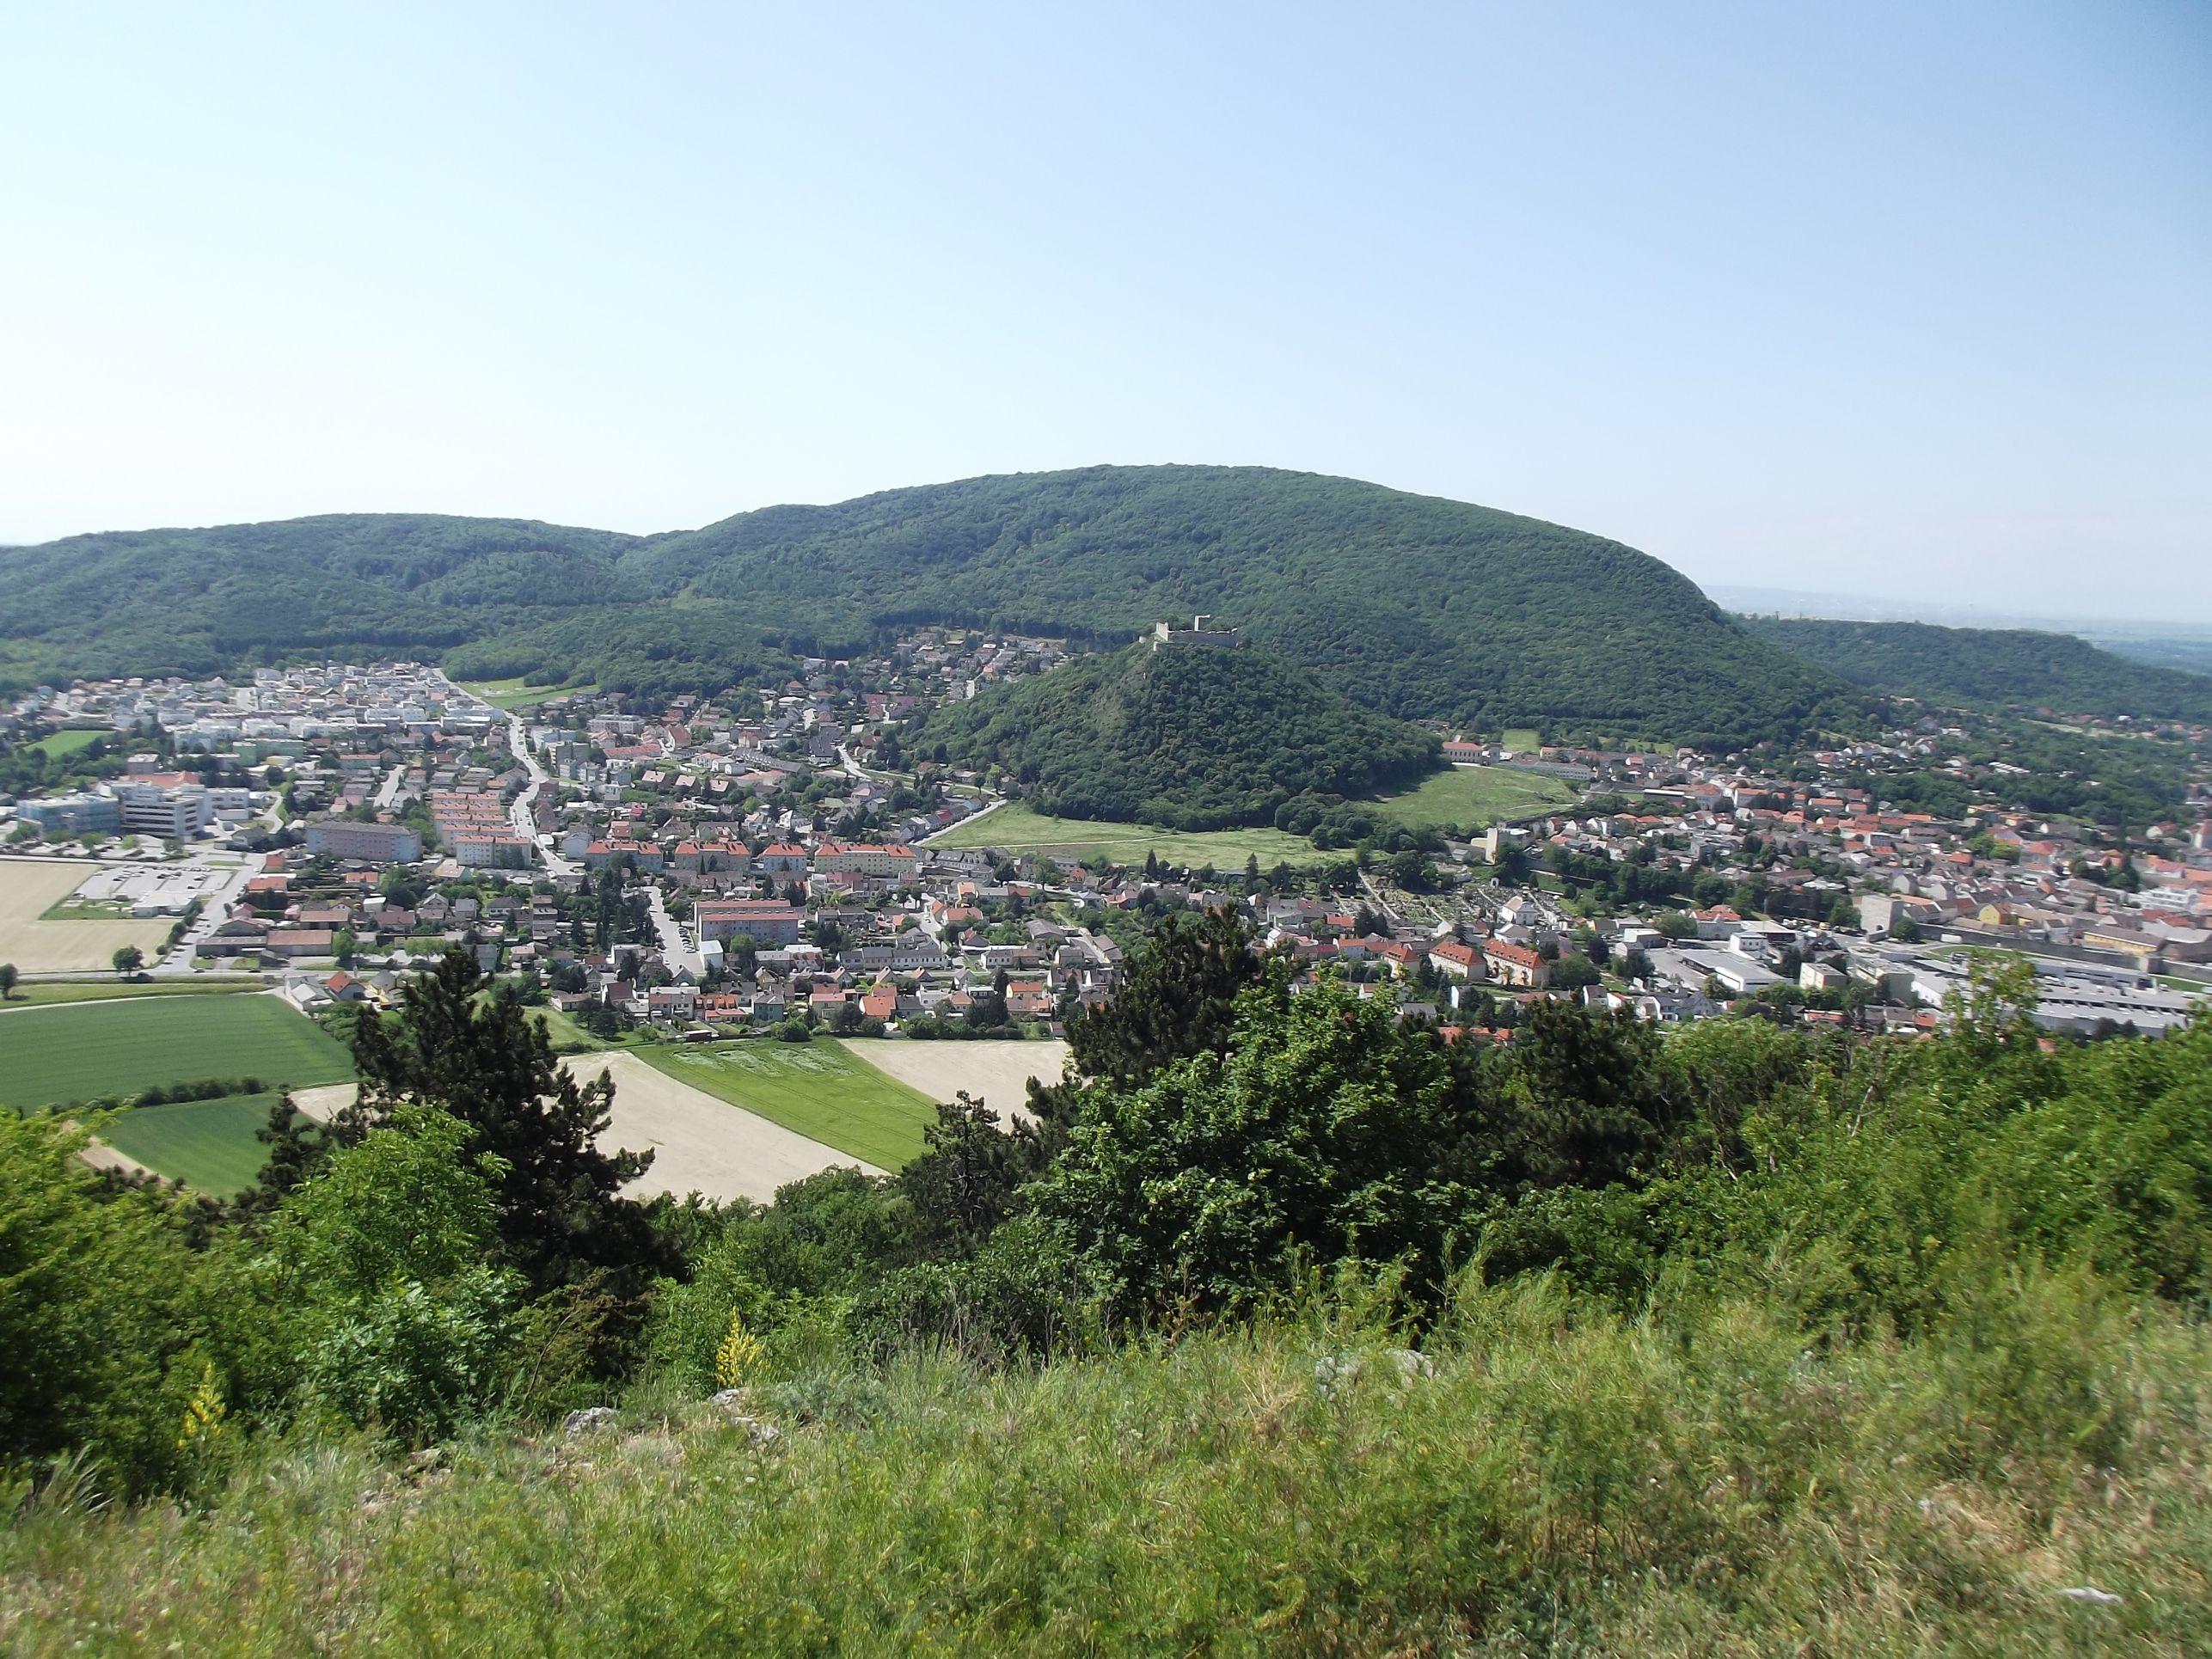 Hainburgi fellegvár a Braunsbergről